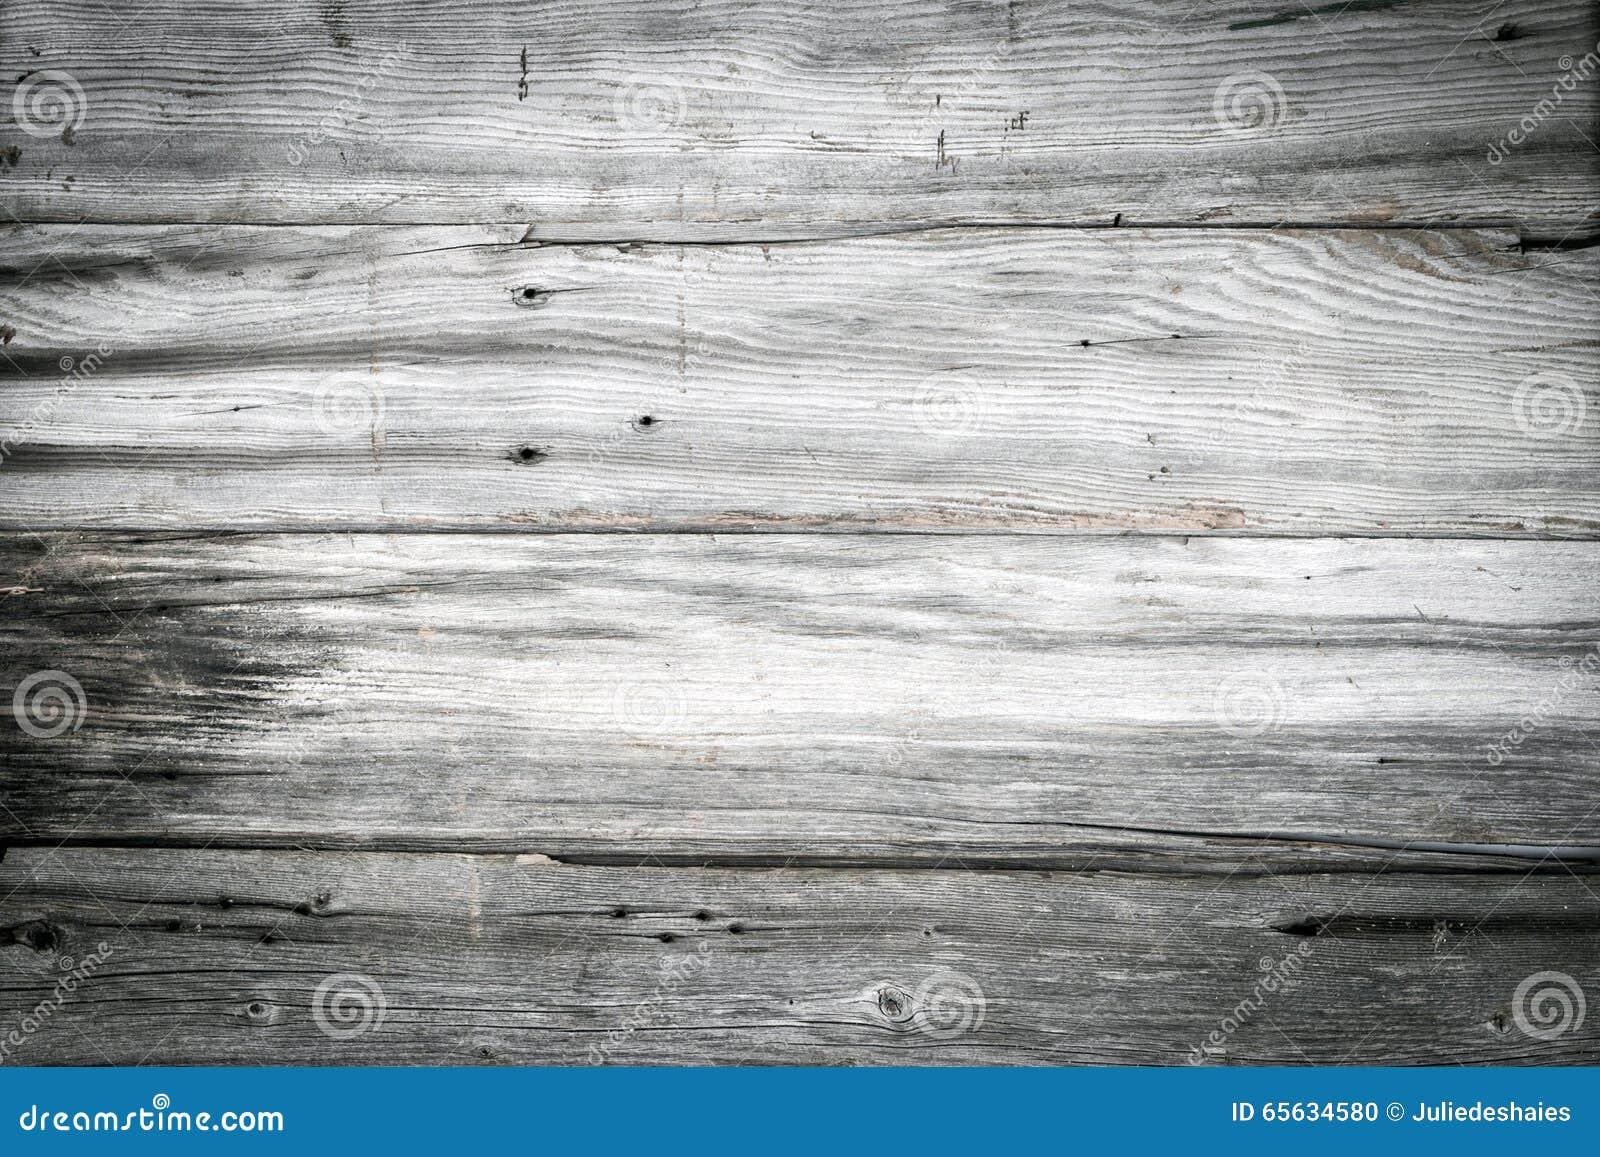 horizontal wood background. Grey Old Wood Background Horizontal